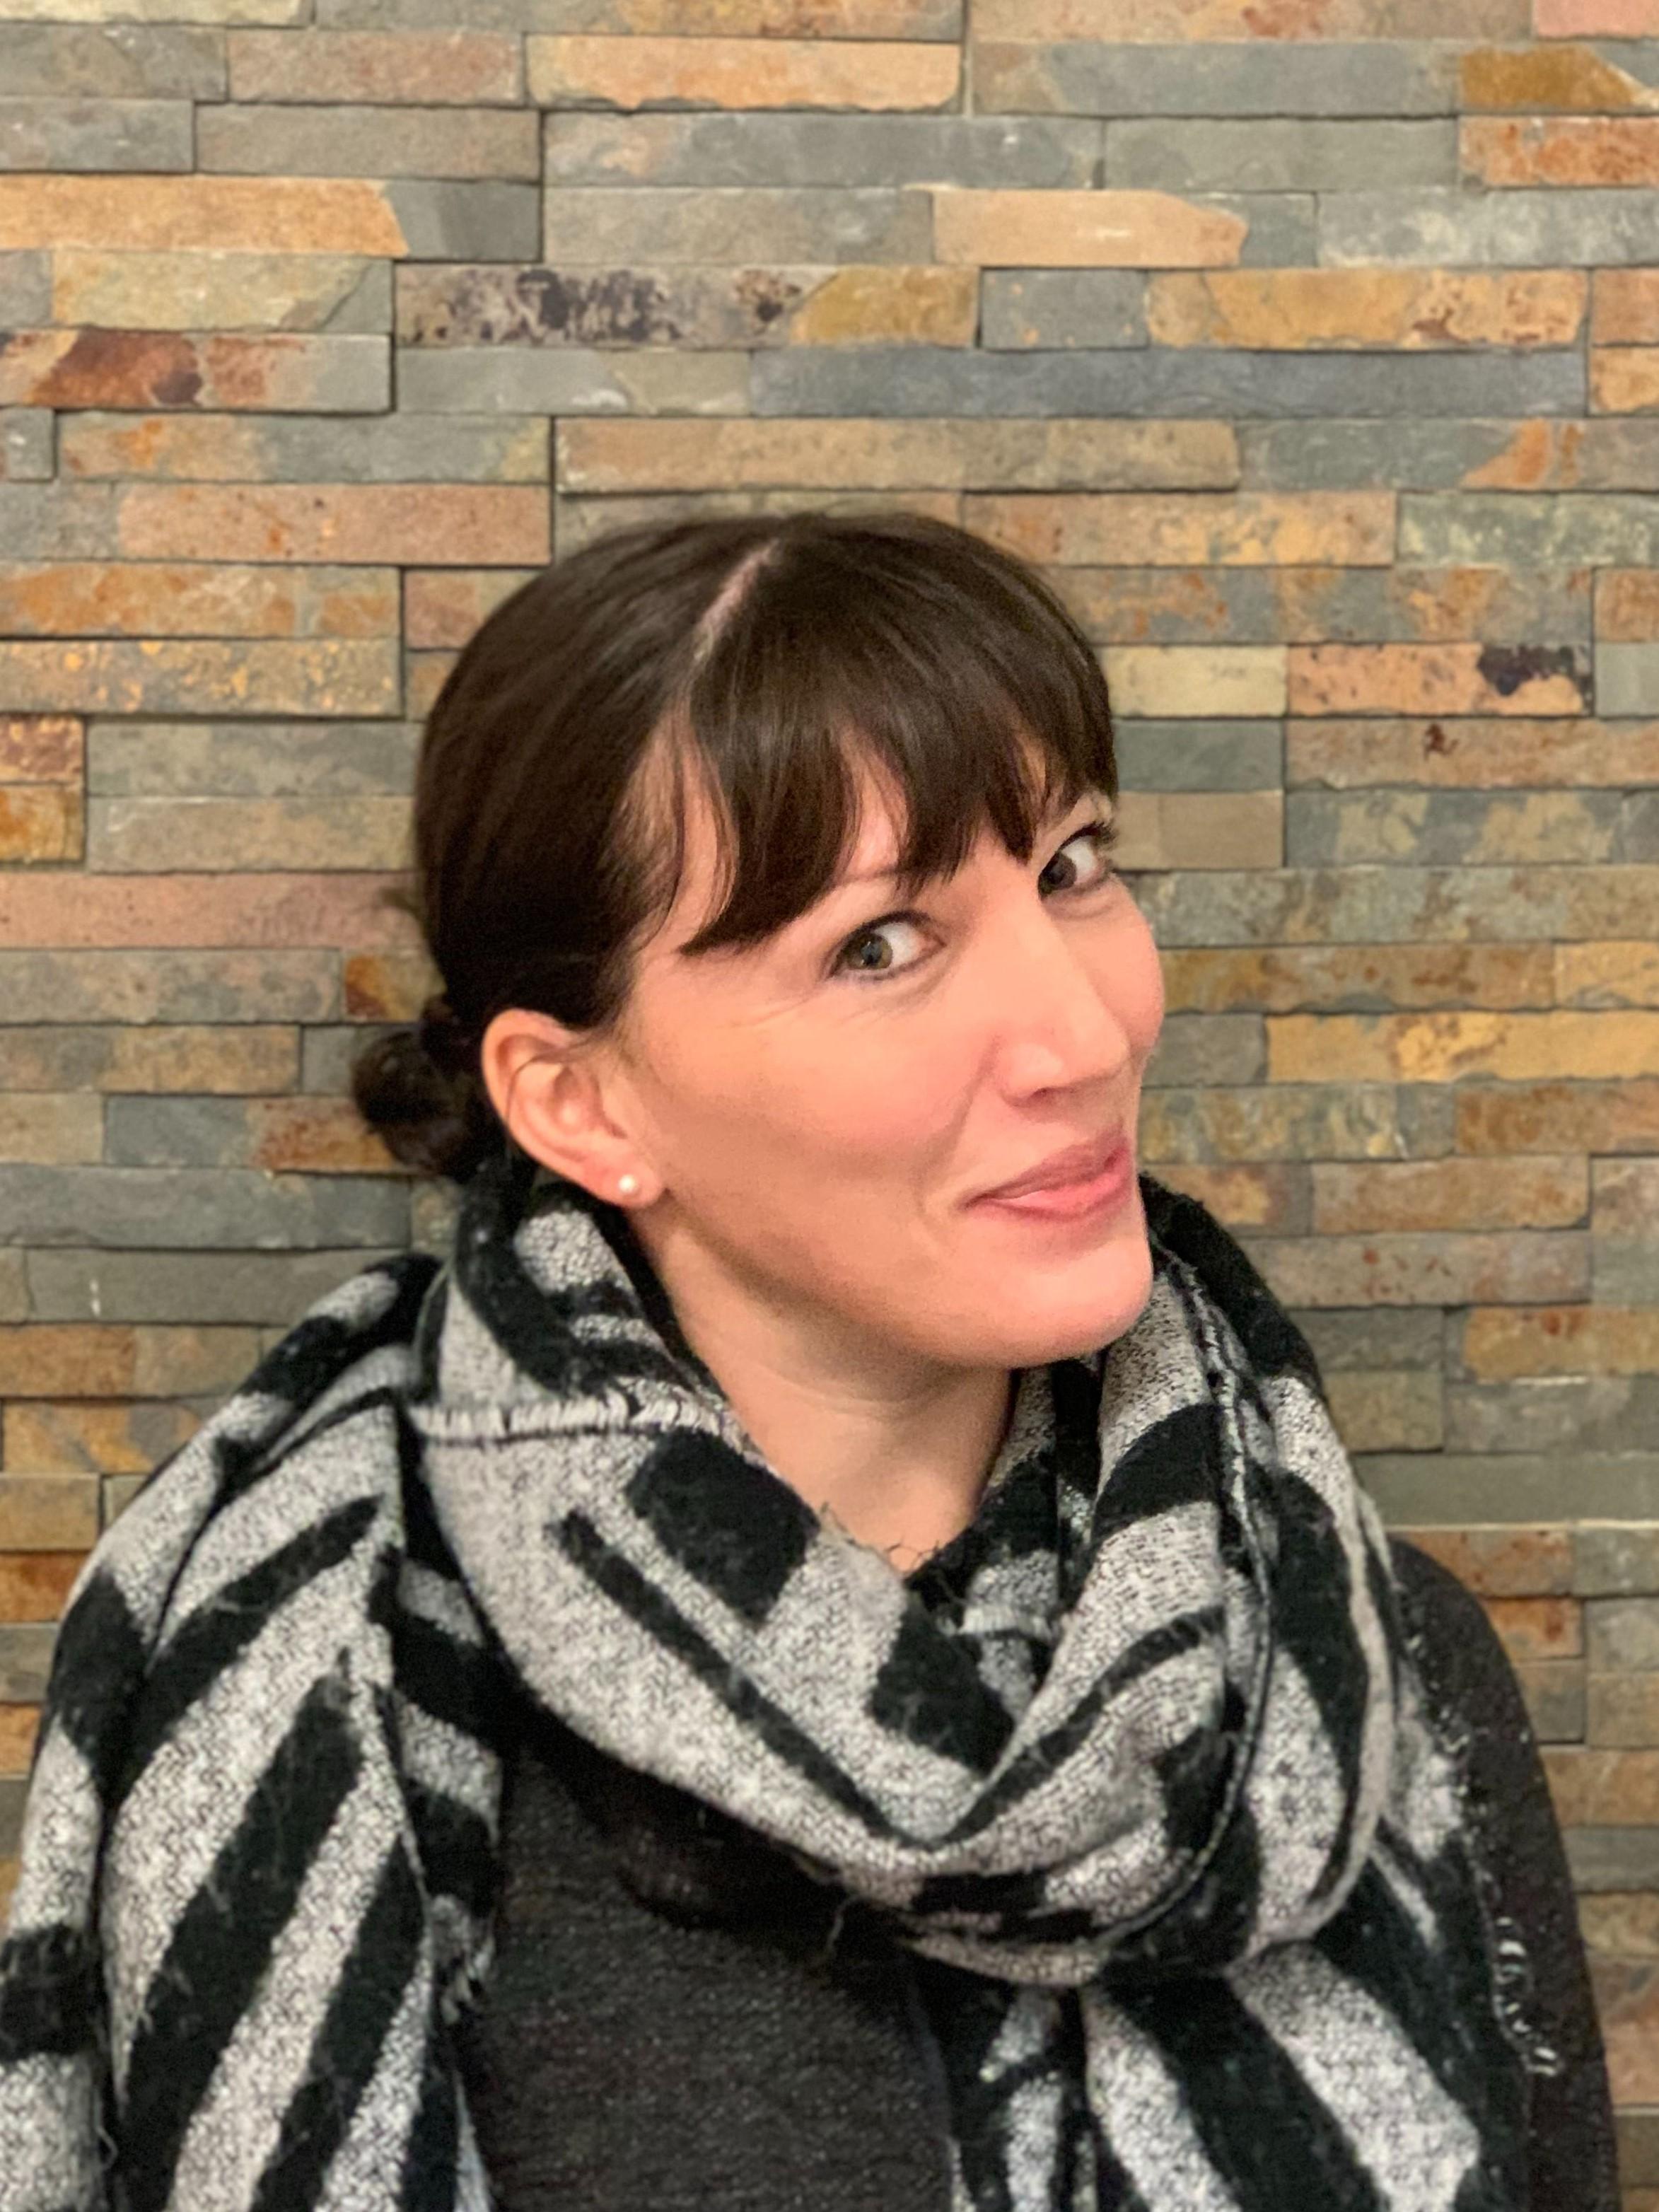 Kim Lauterbach